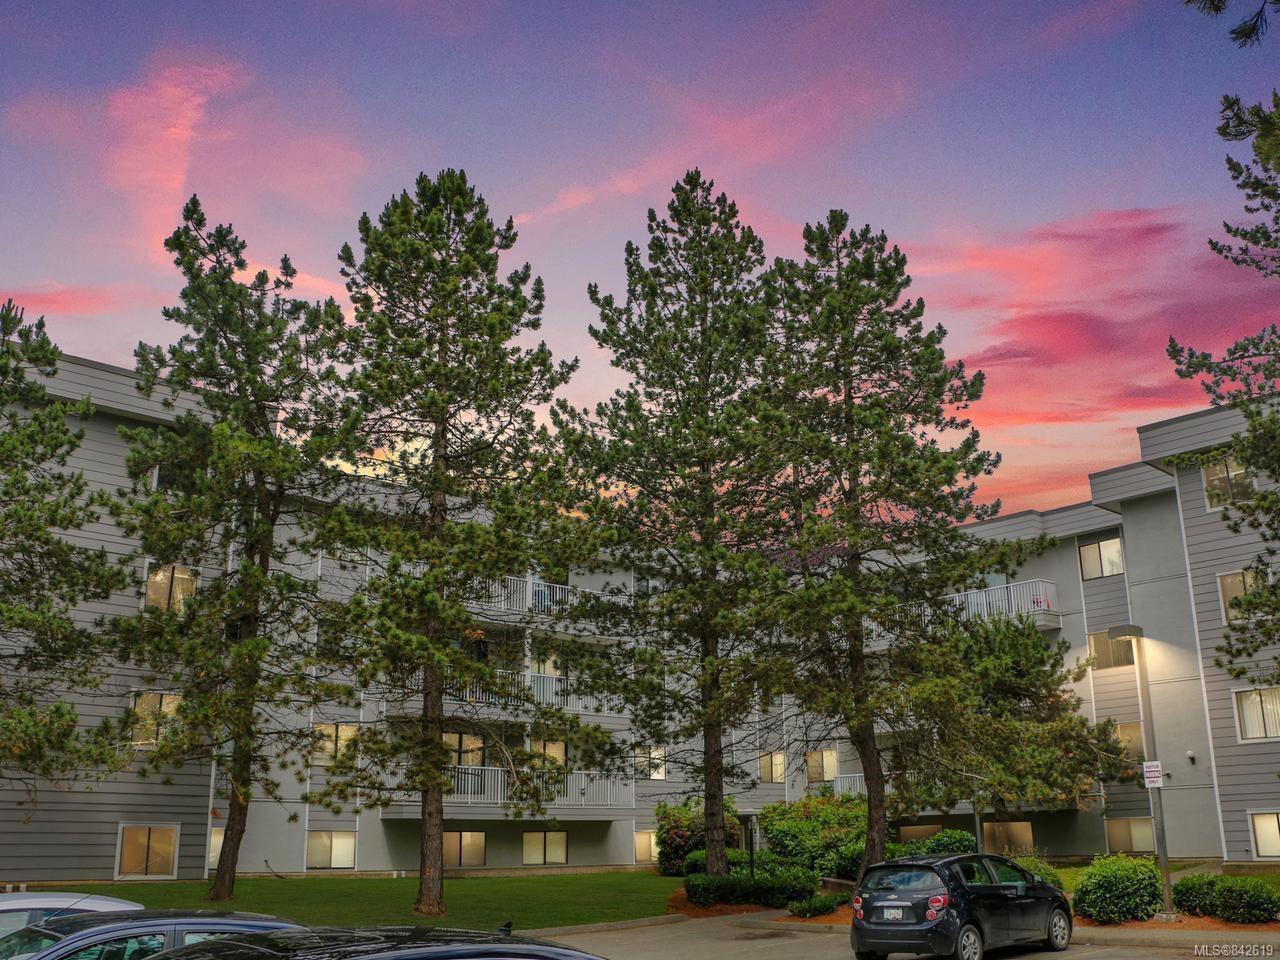 Main Photo: 214 175 Centennial Dr in COURTENAY: CV Courtenay East Condo for sale (Comox Valley)  : MLS®# 842619